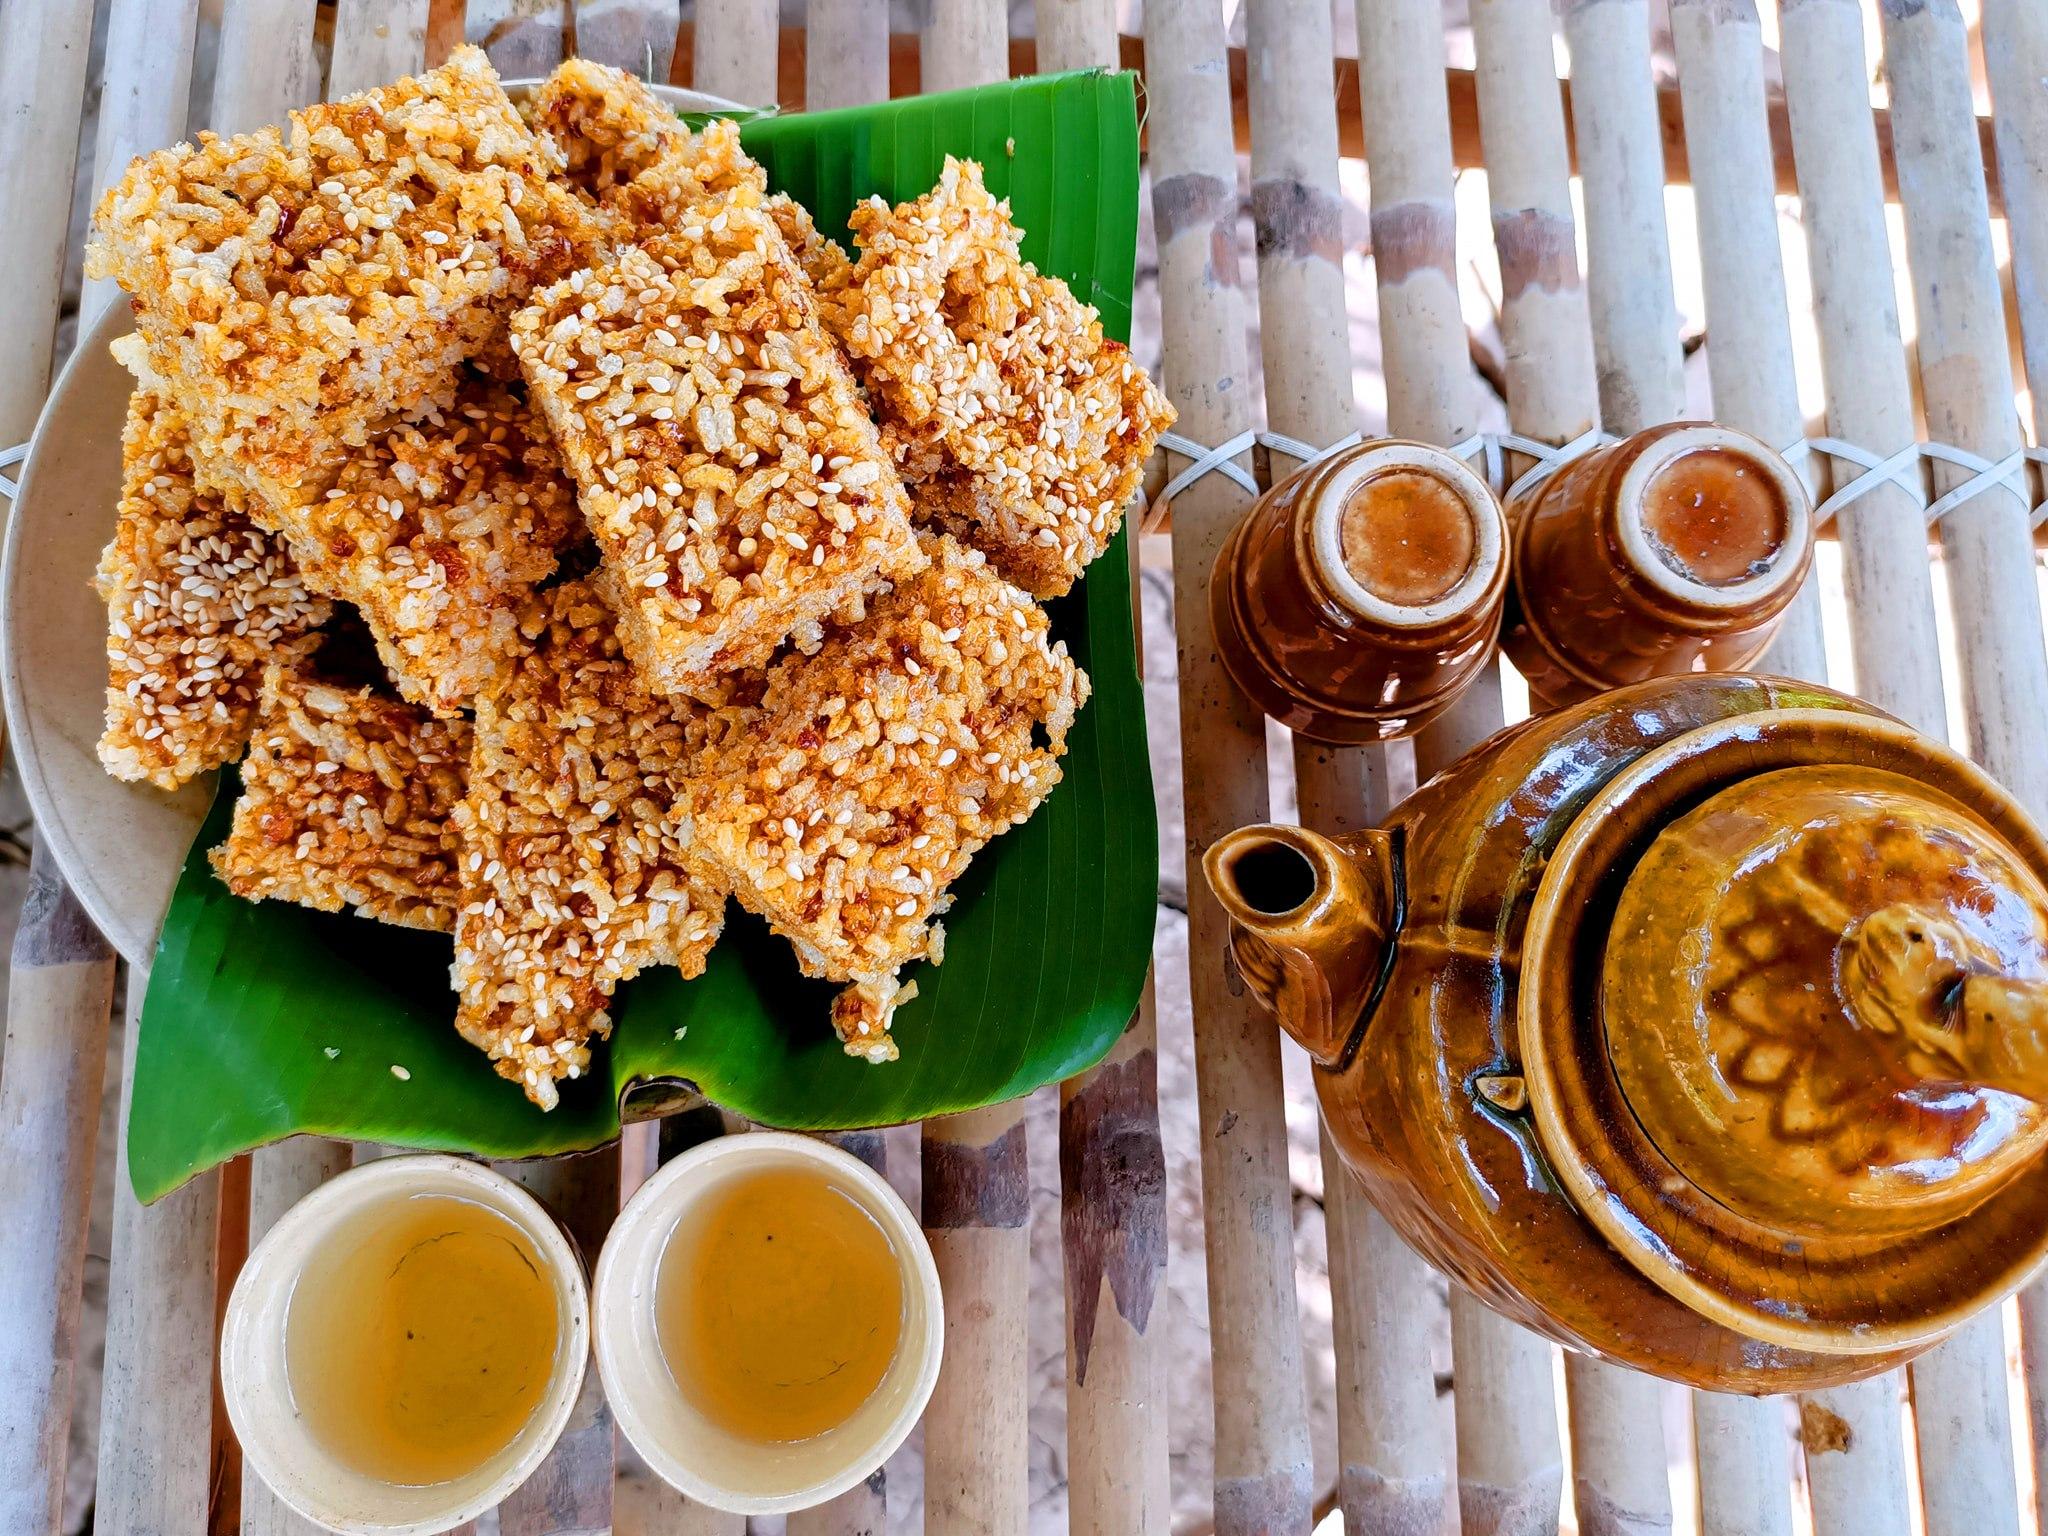 Cốm ngào đường làm bằng cơm nguội đã ngon còn tiết kiệm cơm thừa, chiêu hay mẹ đảm cần biết